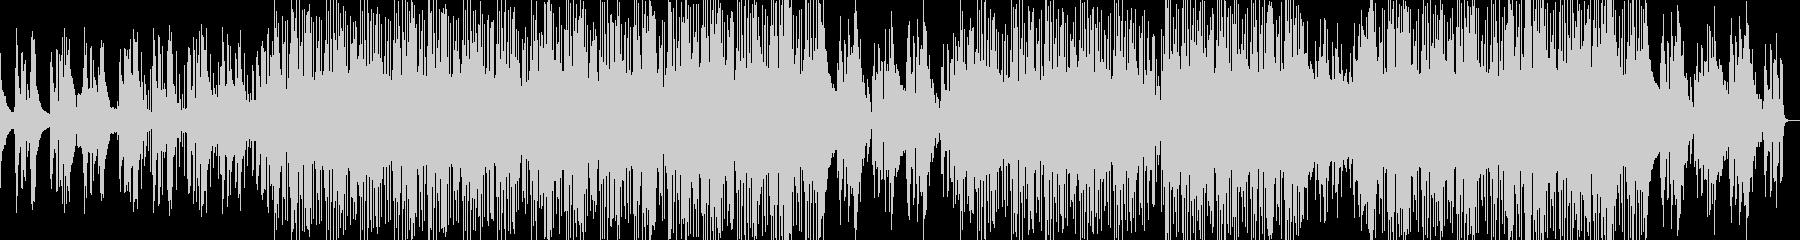 疾走感のビートとベース、マイナージャズ調の未再生の波形